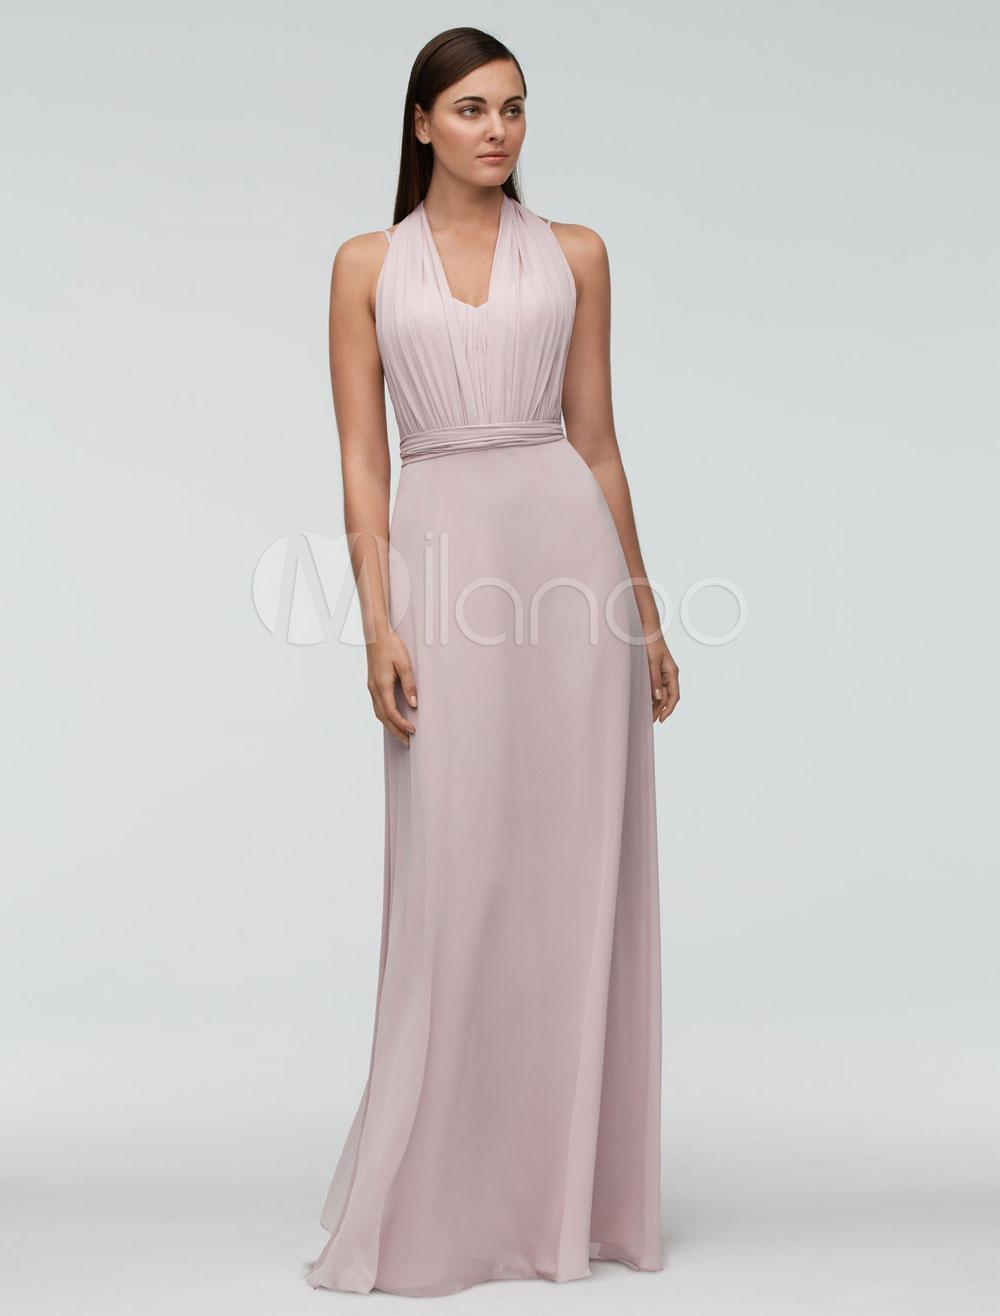 Dusty Pink Brautjungfer Kleid Chiffon bodenlangen Hochzeit Kleid ...